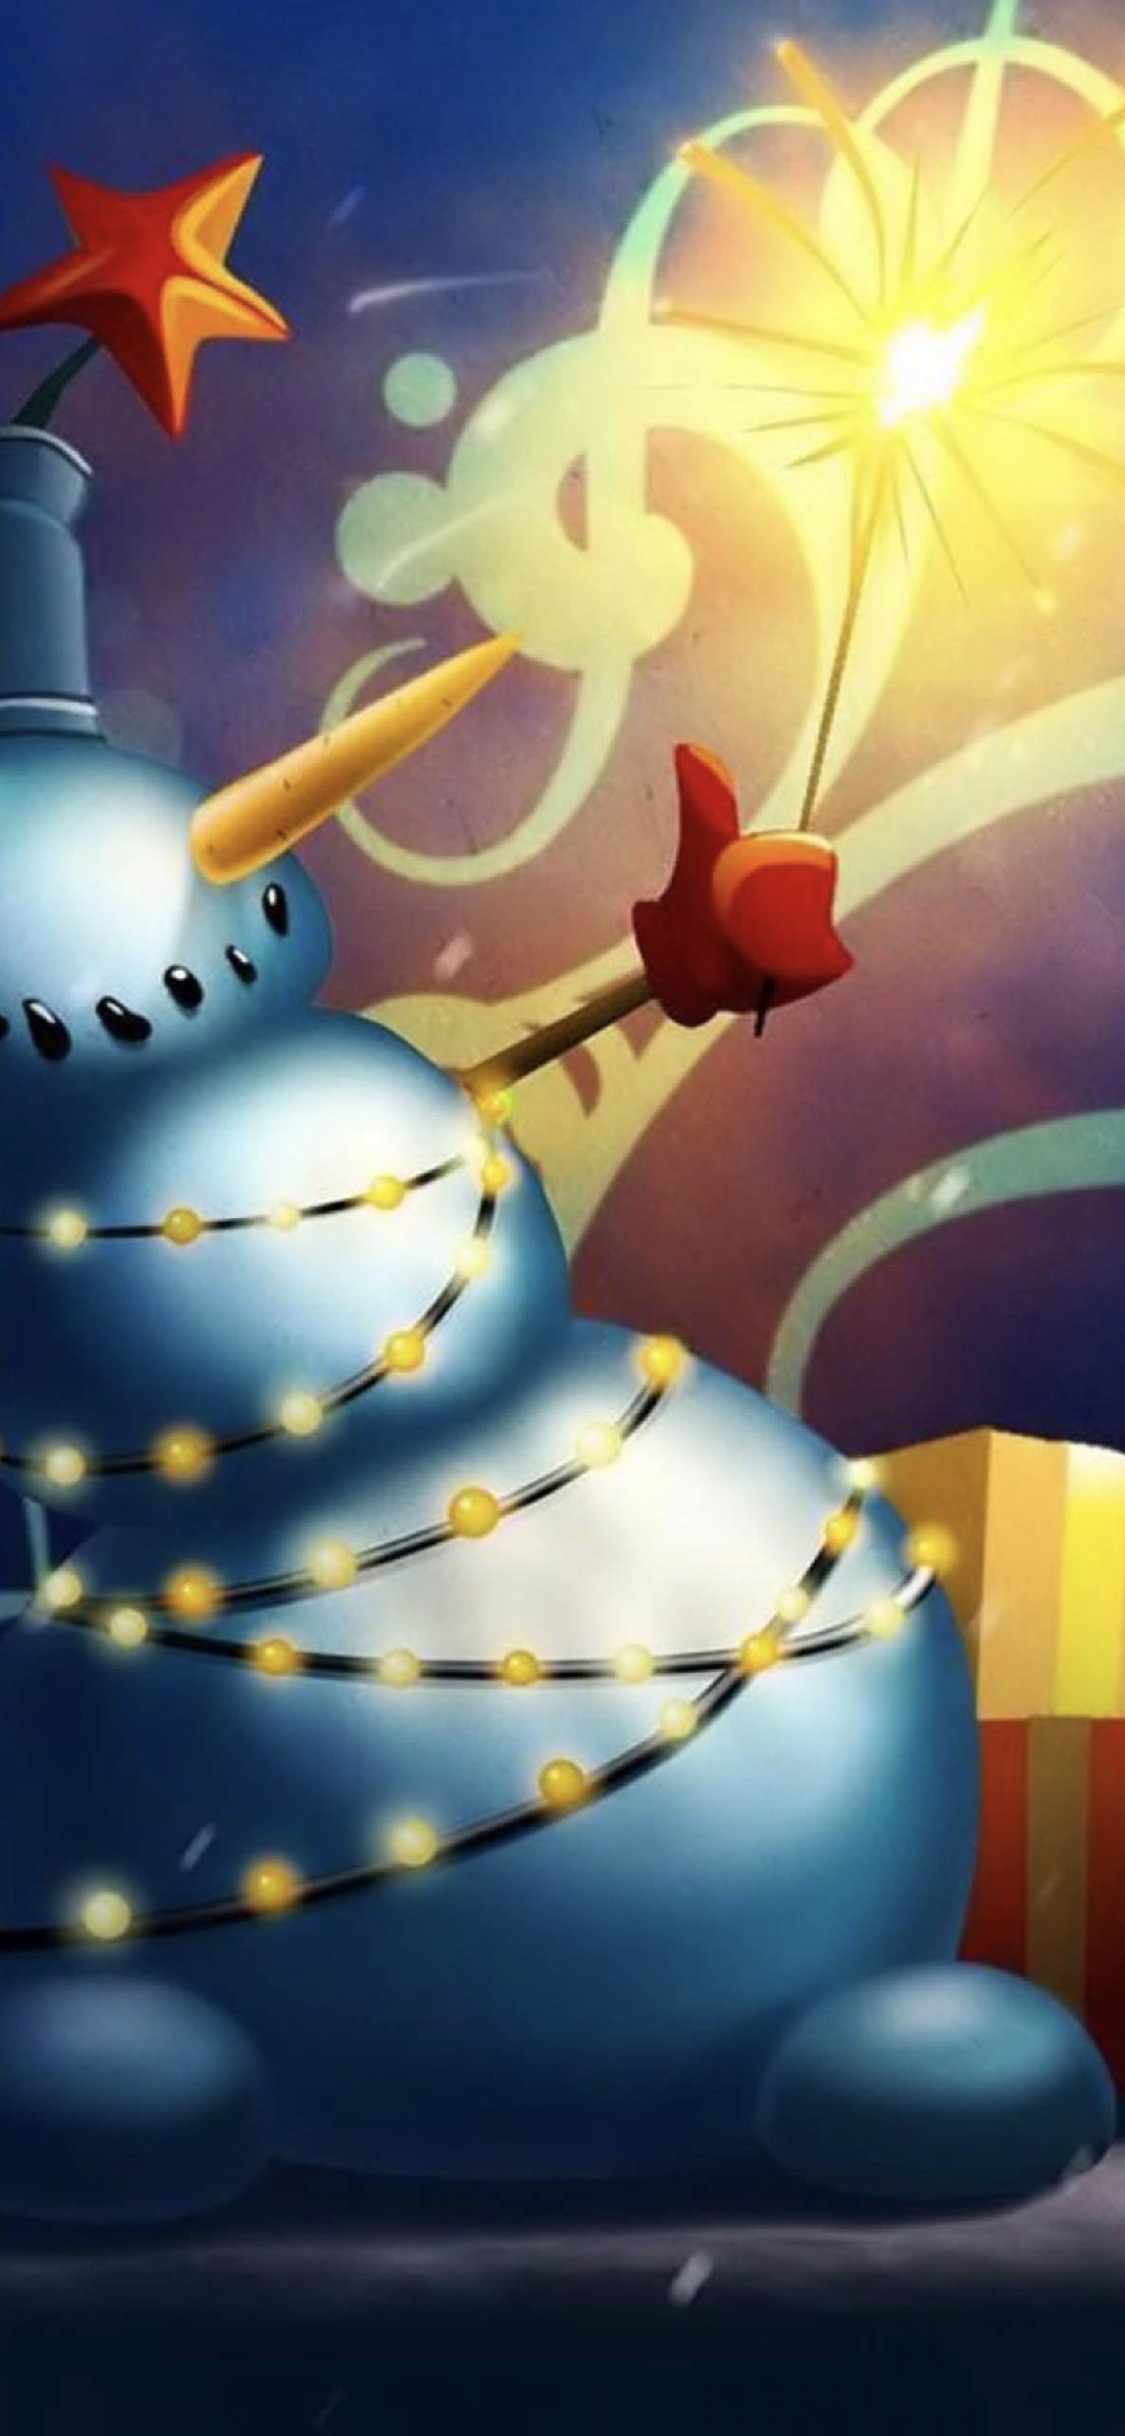 Christmas Snowman Wallpaper Sc Iphonexs